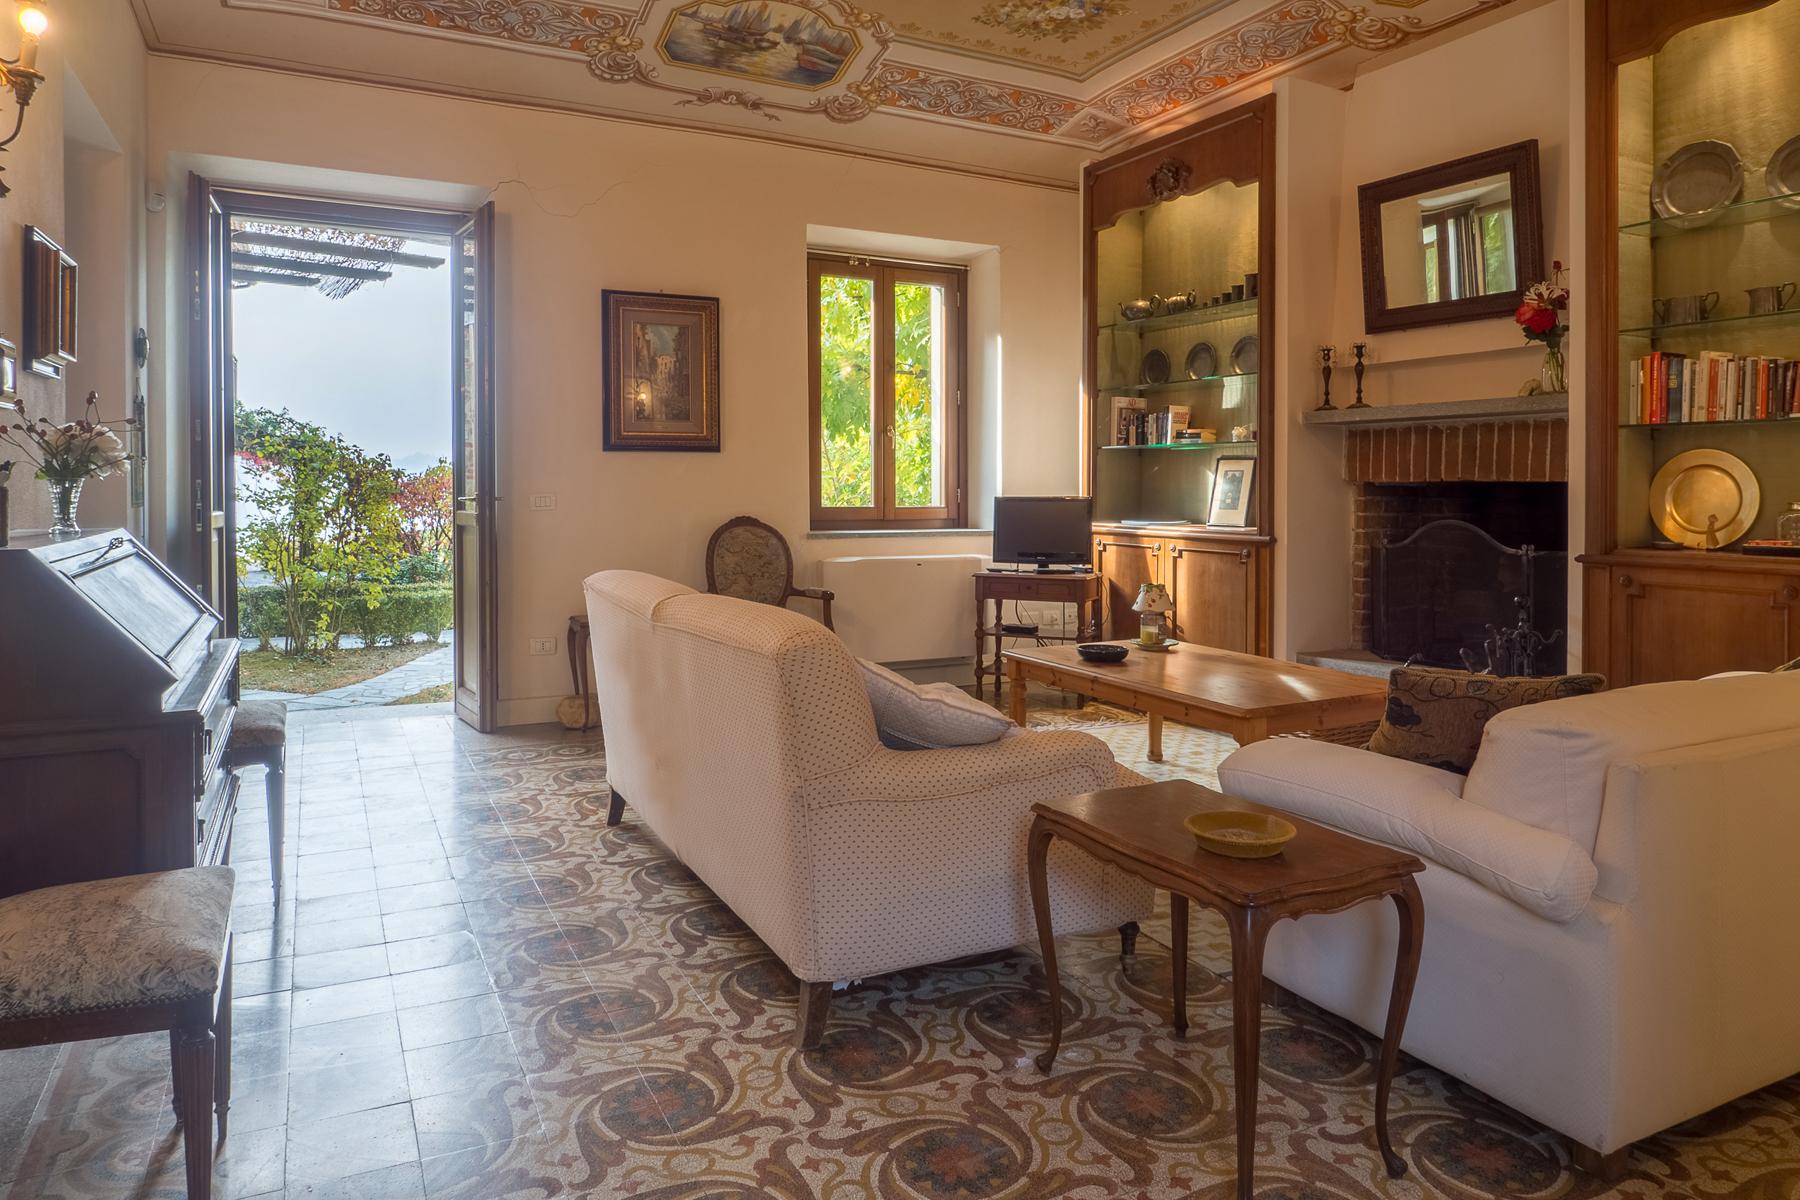 Appartamento in Vendita a Vignale Monferrato: 5 locali, 140 mq - Foto 4